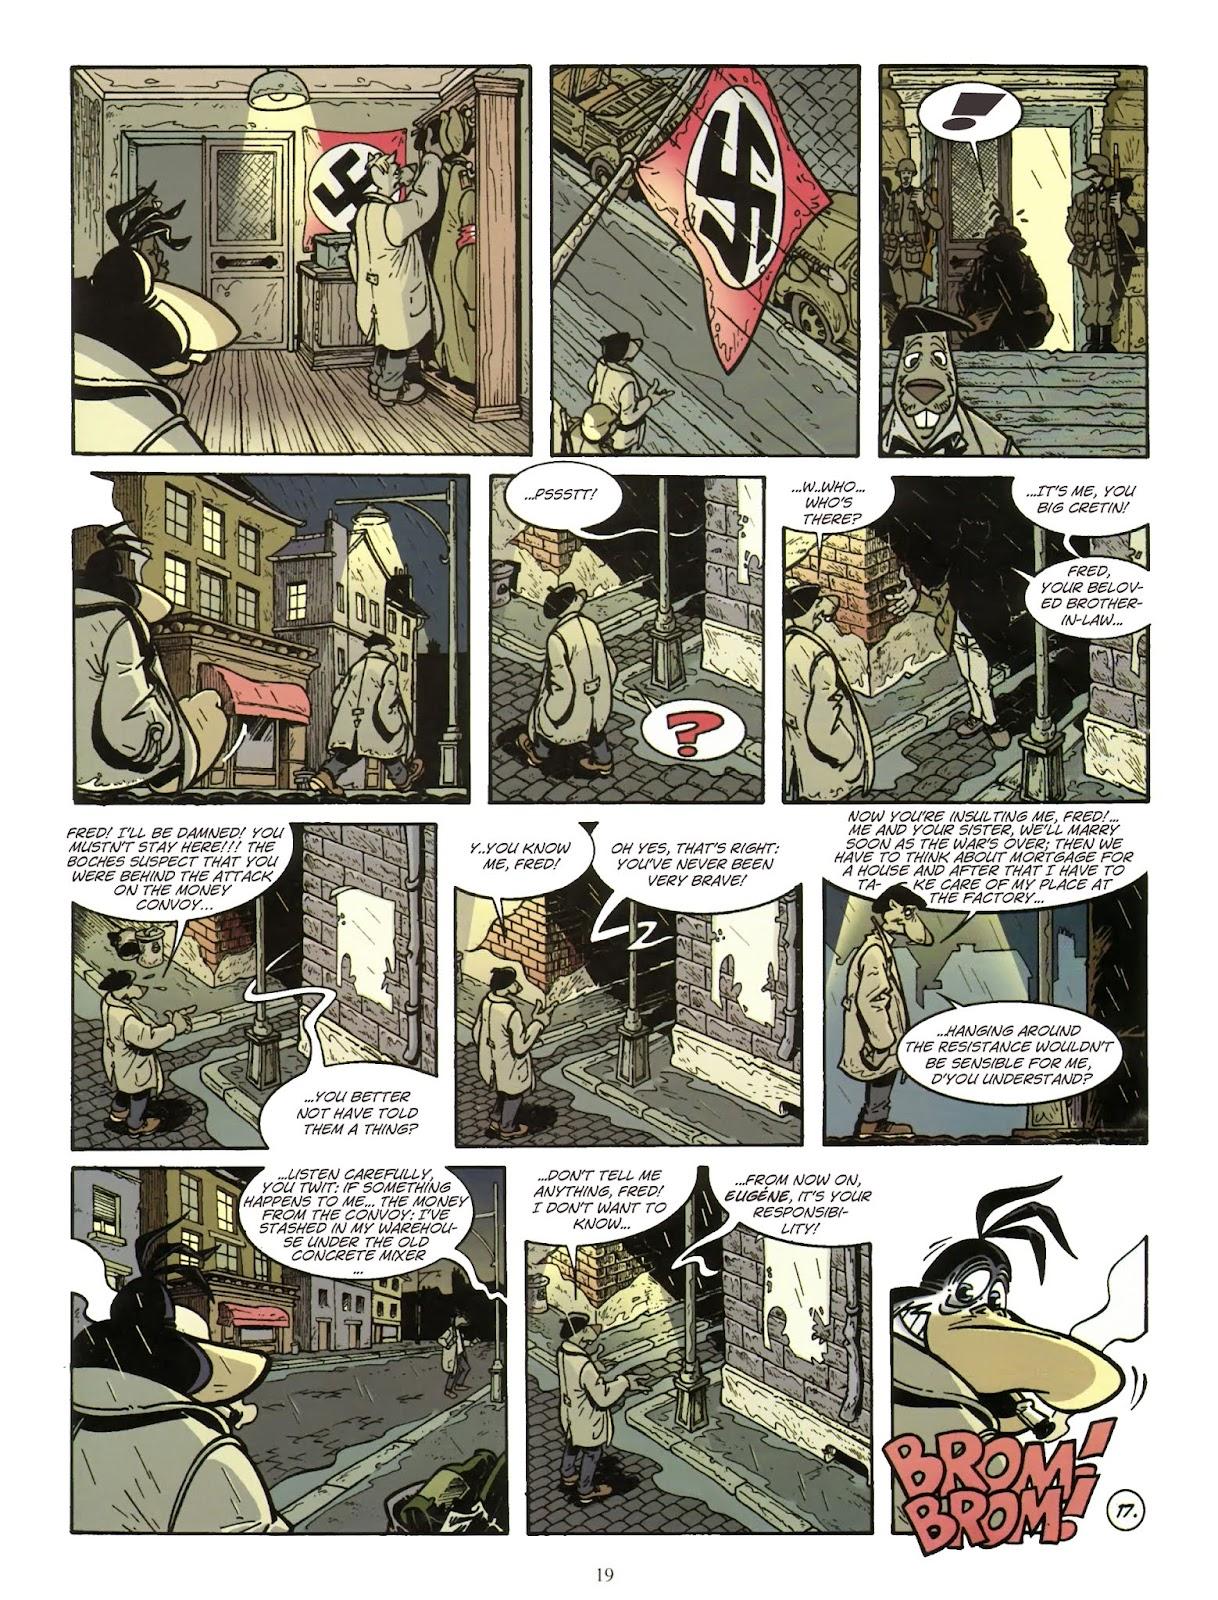 Une enquête de l'inspecteur Canardo issue 11 - Page 20